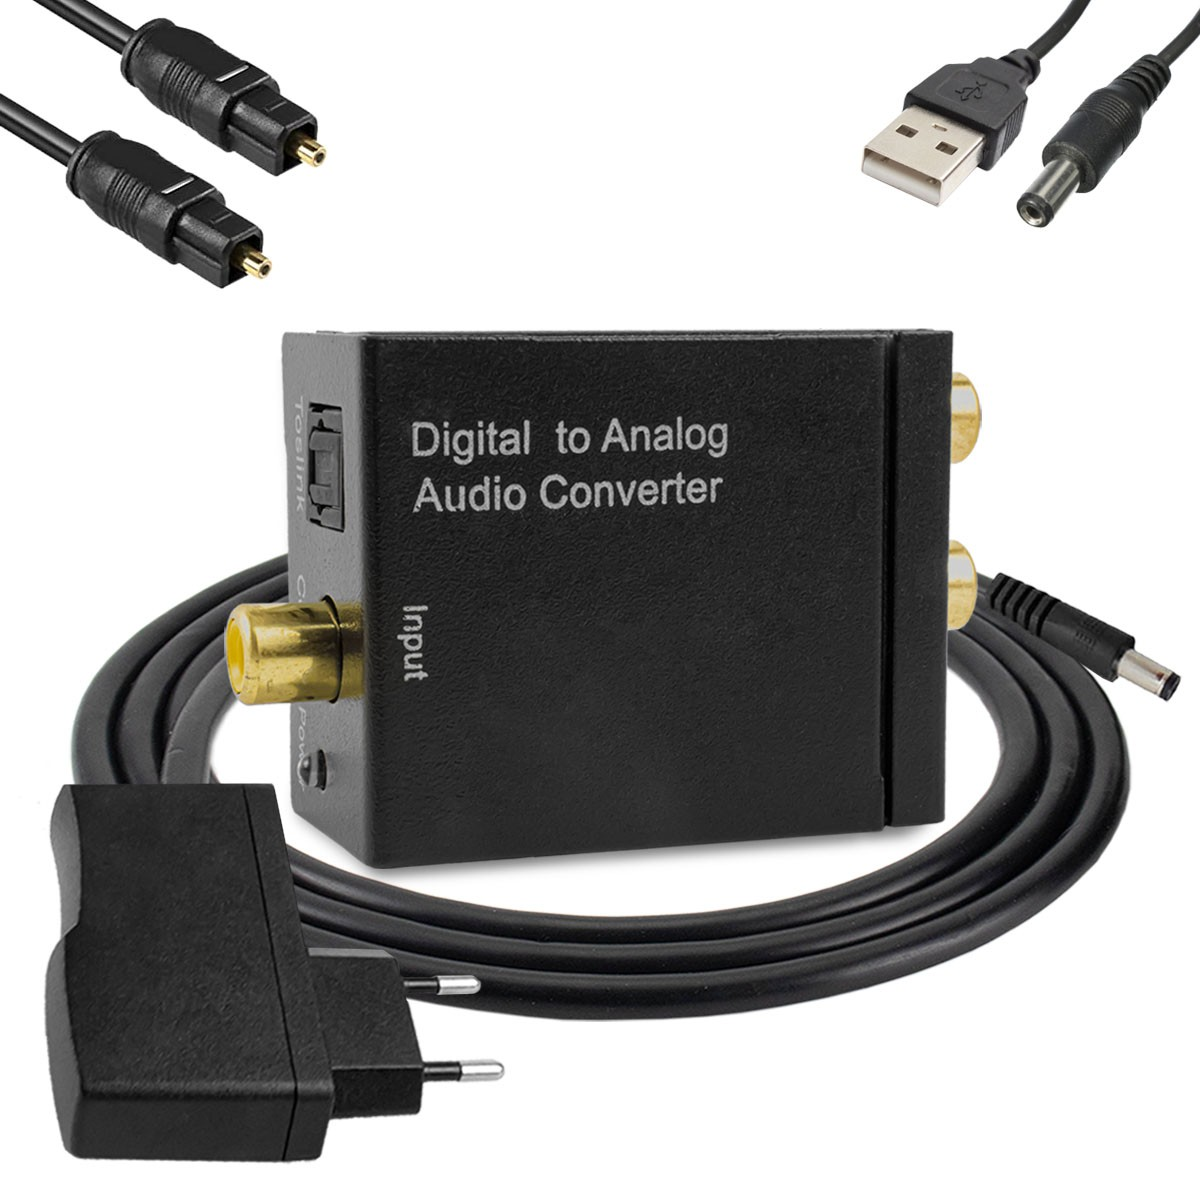 KIT Conversor Áudio Digital para RCA e P2 XT-5529 + Cabo Óptico Toslink 2 metros + Cabo DC 5V